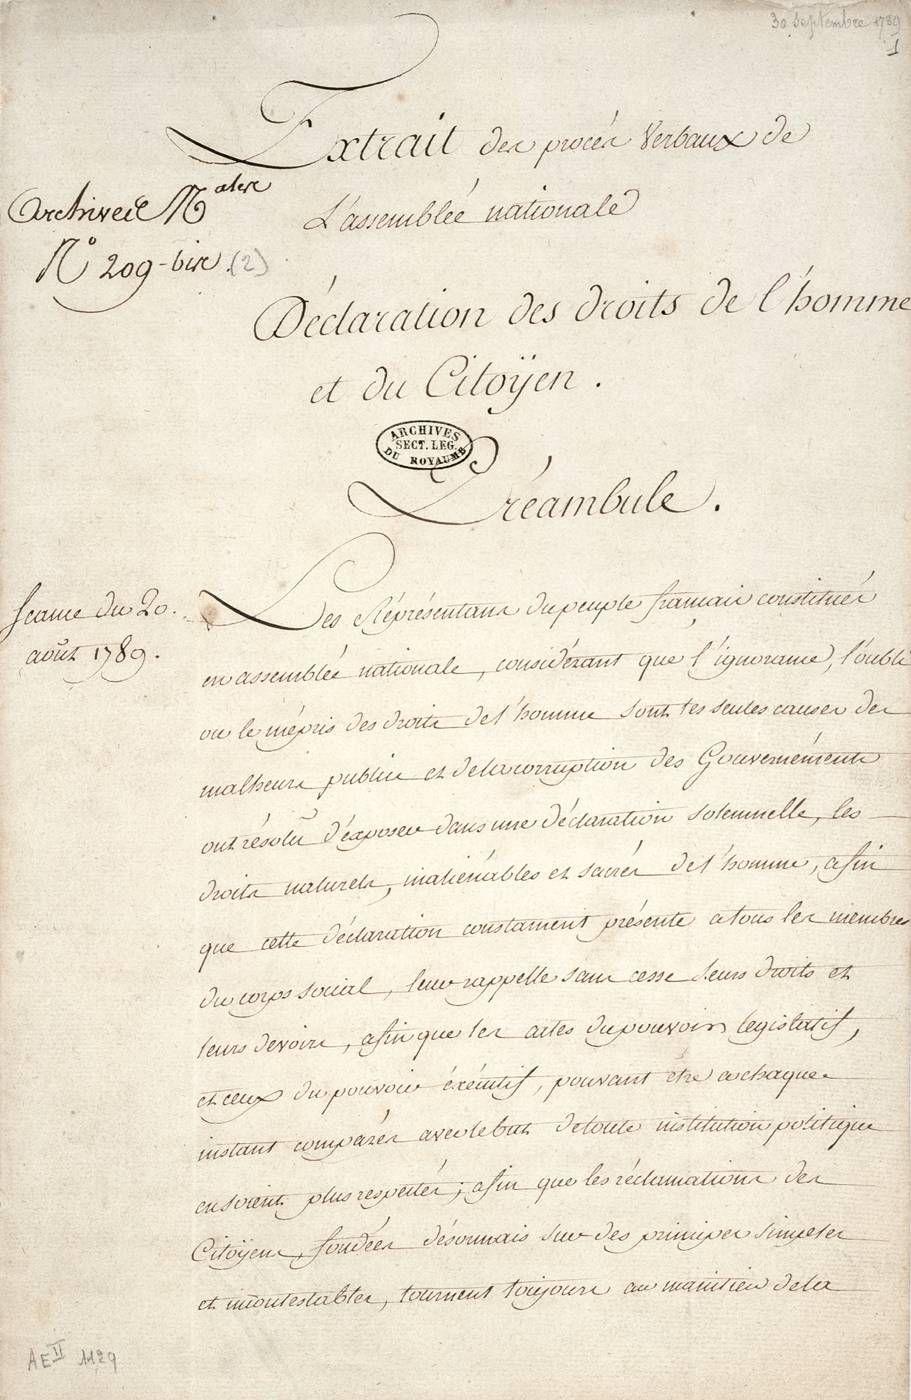 La Declaration Des Droits De L Homme Et Du Citoyen Histoire Et Analyse D Images Et Oeuvres Droits De L Homme Revolution Francaise Citoyen